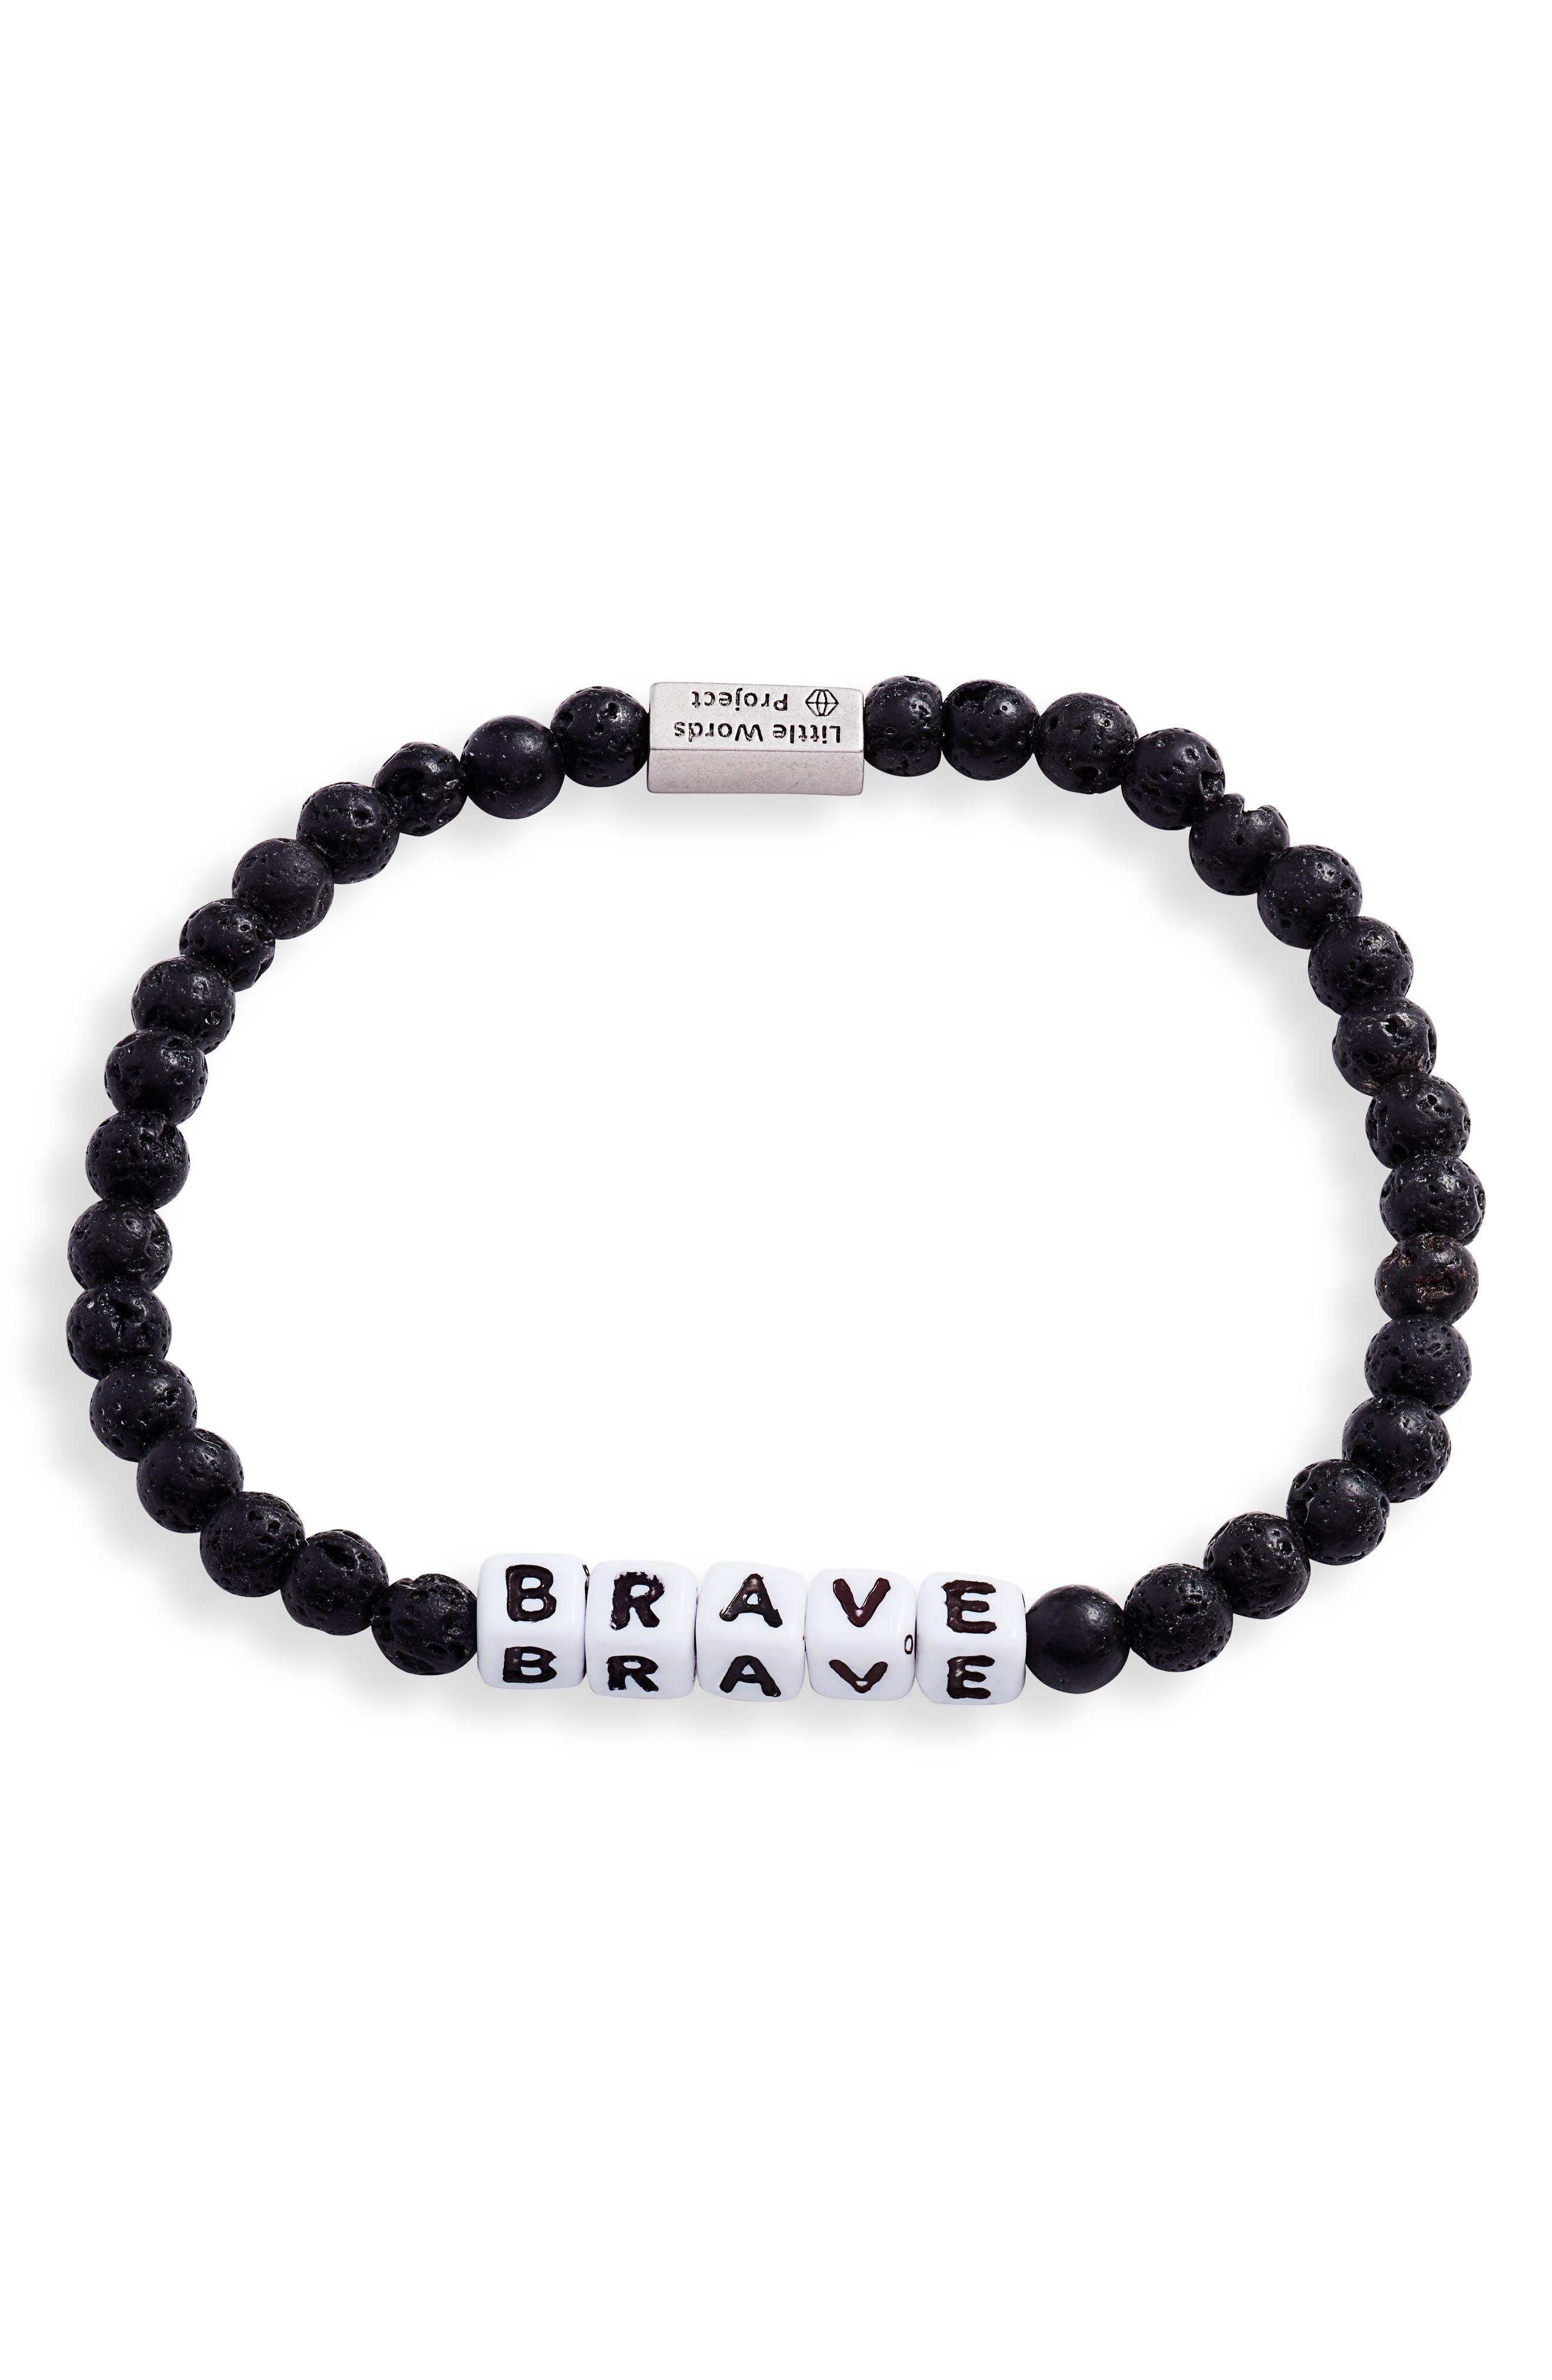 Brave Stretch Bracelet